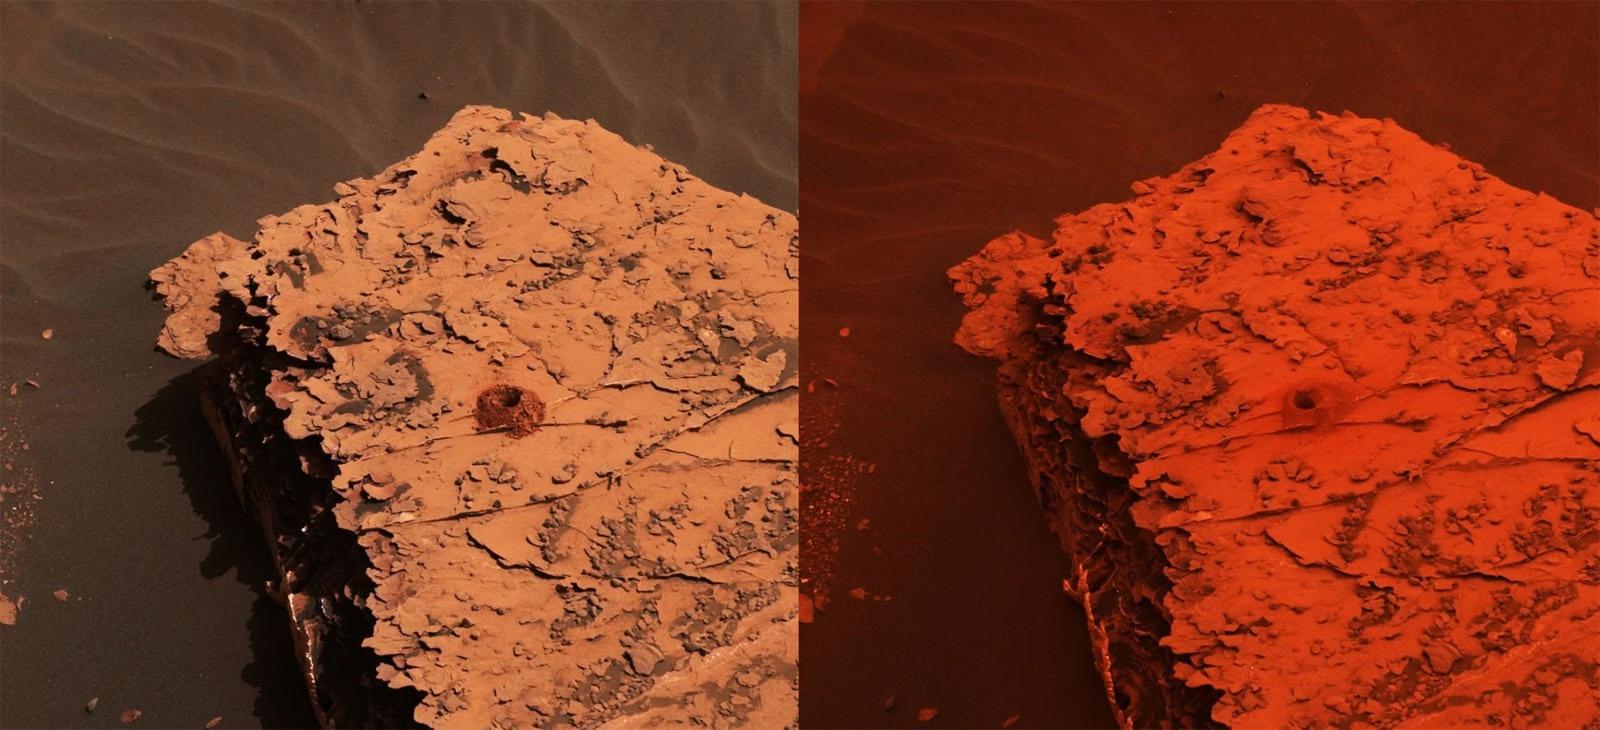 Марсоход Opportunity до сих пор молчит из-за пылевой бури на Марсе - 1